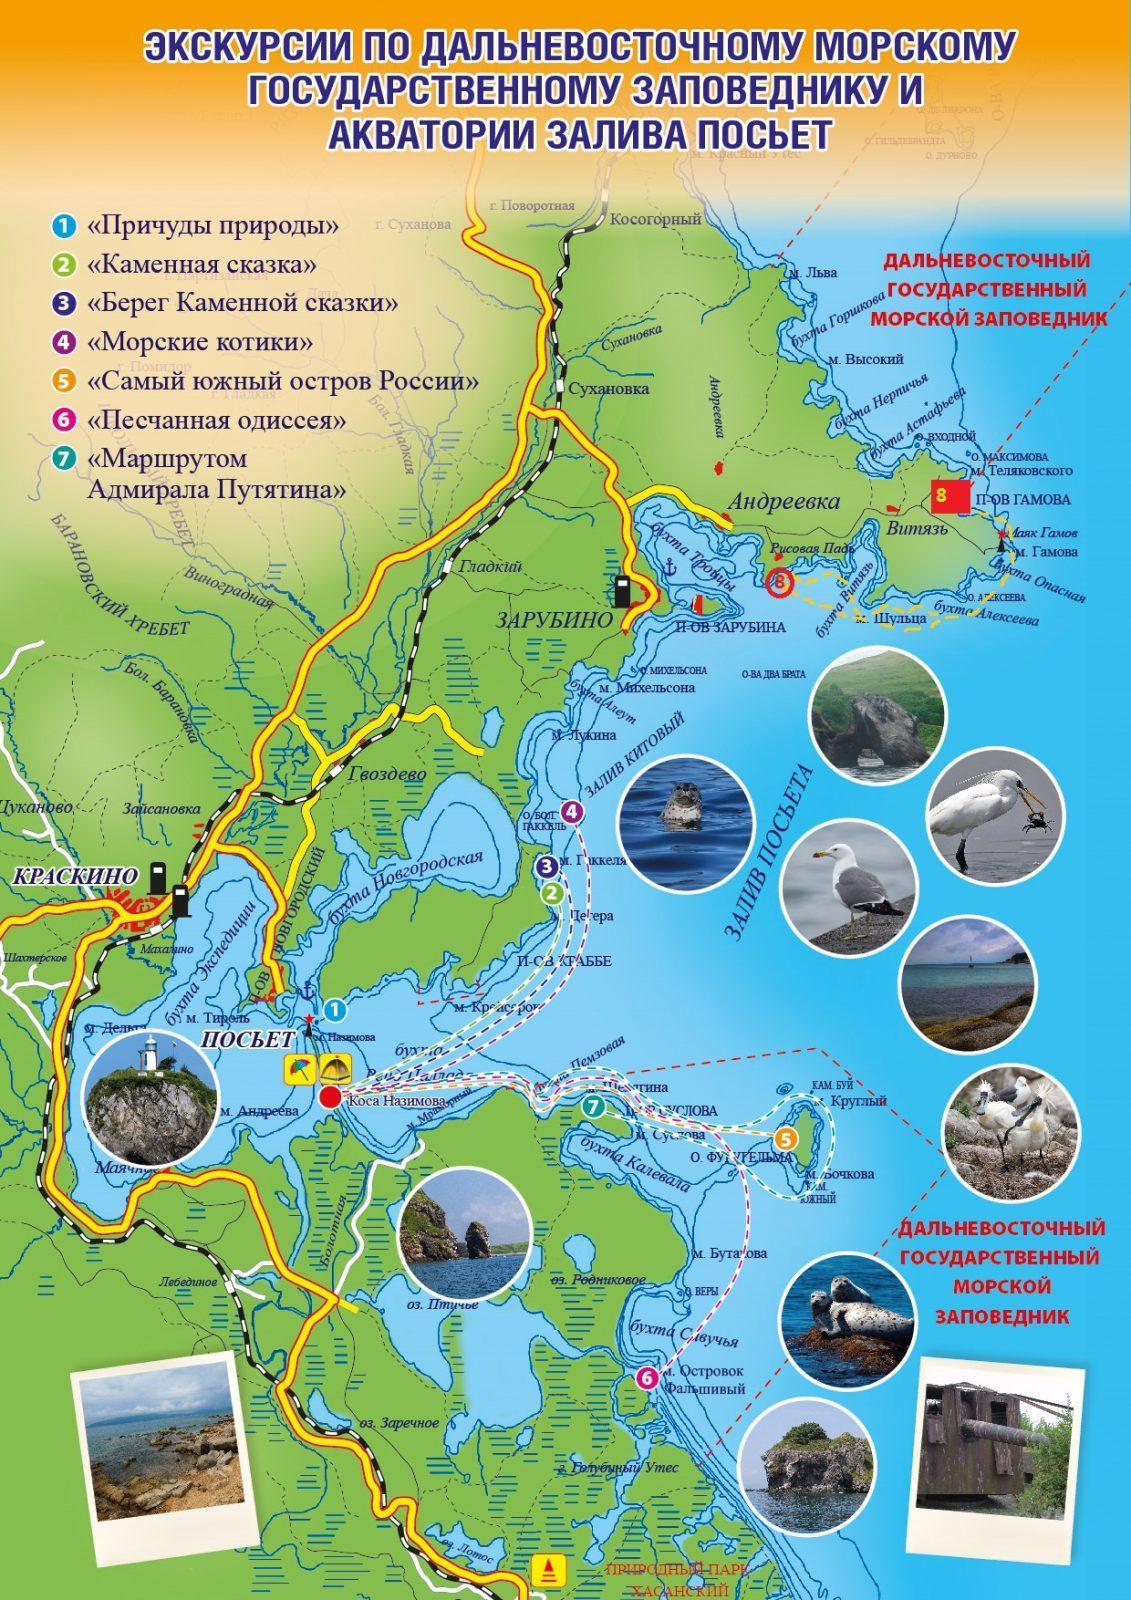 Незабываемое Путешествие по Южному Приморью (8 дней), Путешественник